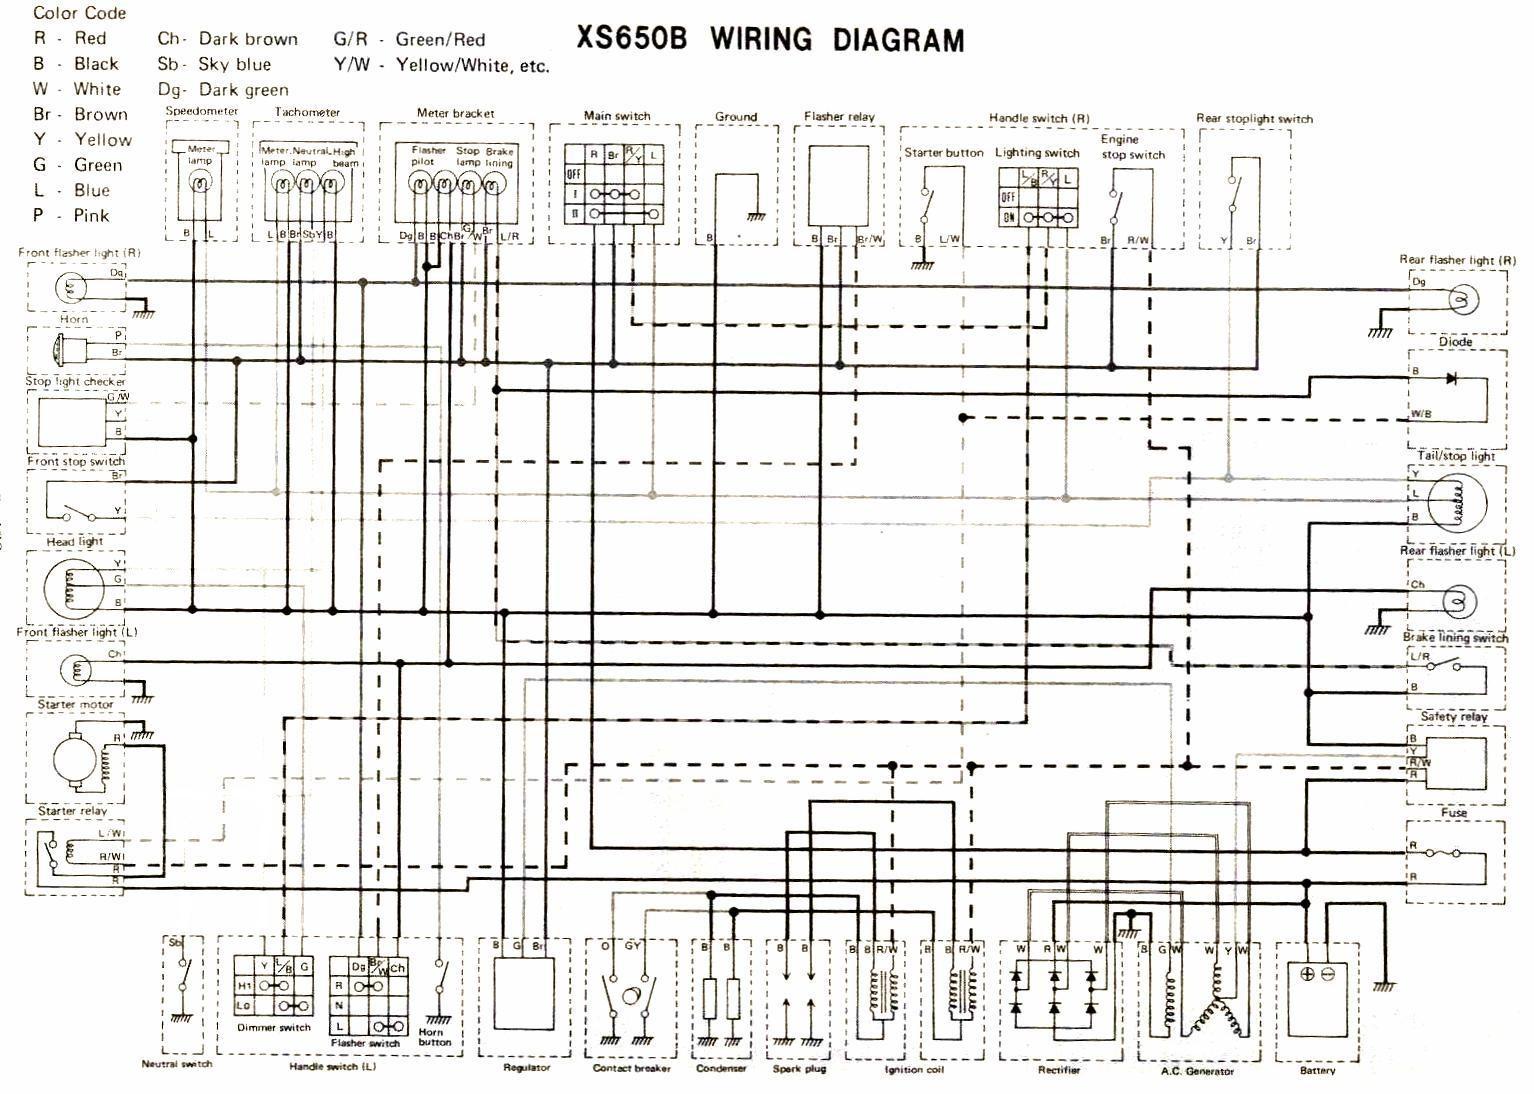 star v diagram yamaha 650 wiringYamaha V Star 650 Wiring Diagram Tach #18